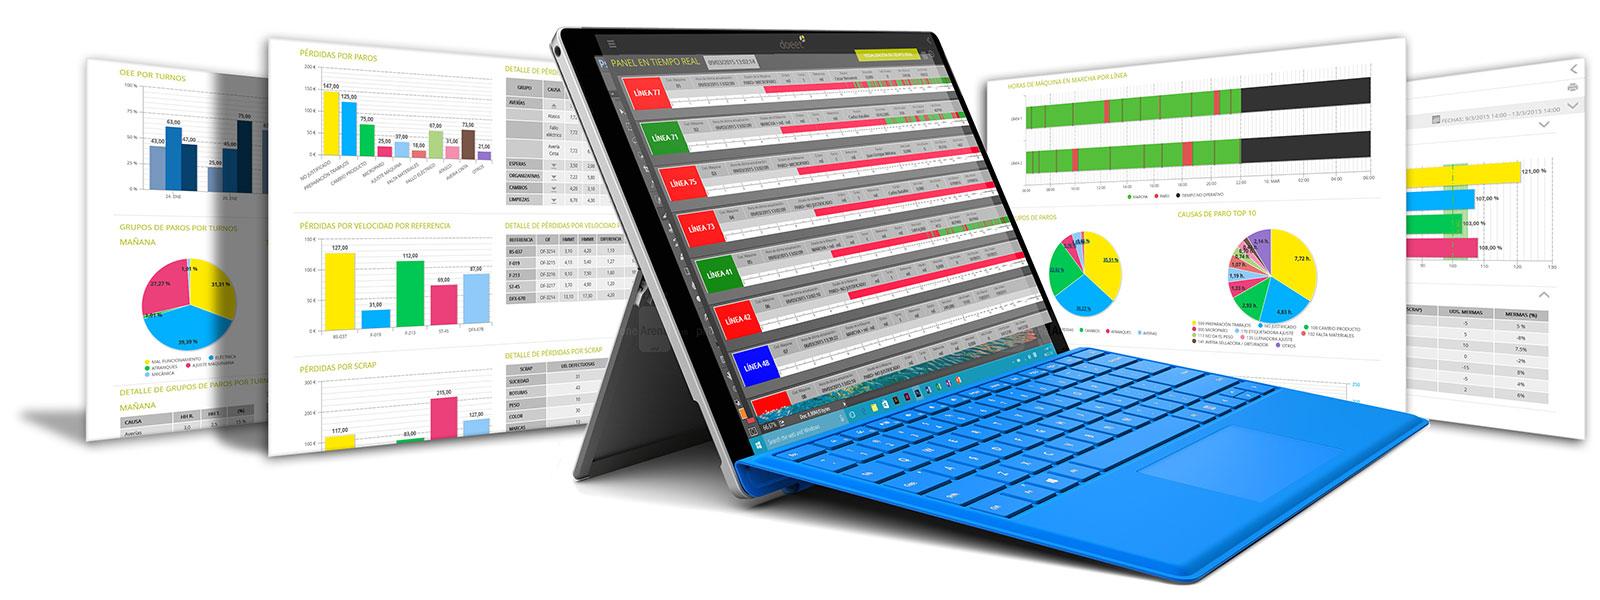 Organización y Digitalización Industrial. Informes de productividad